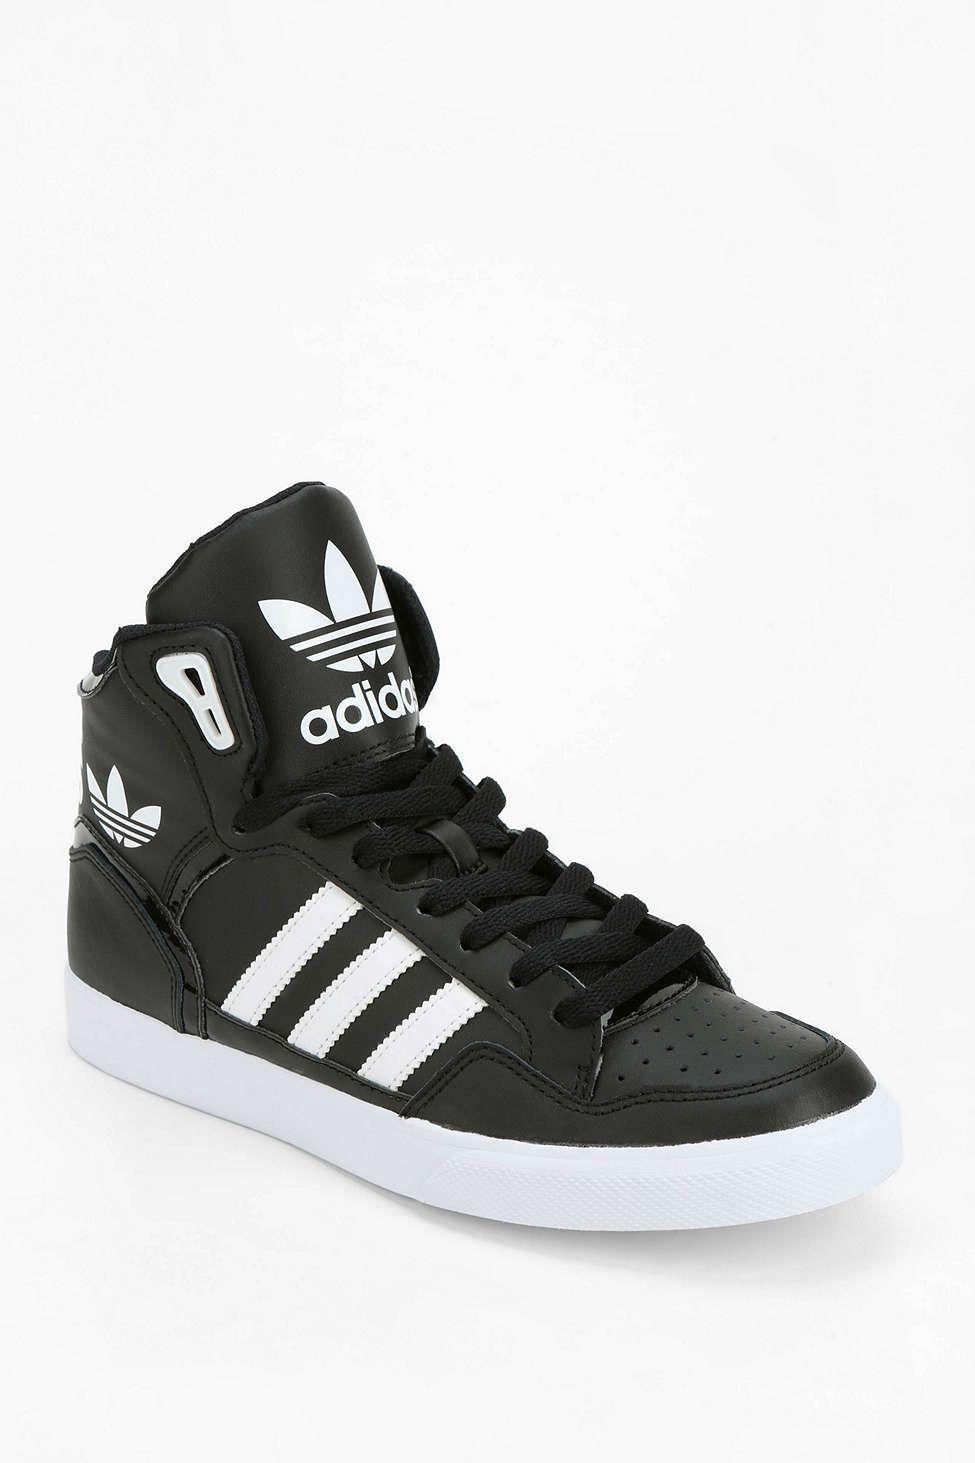 Cascos, Tenis, Zapatillas, Los Zapatos De Los Hombres De Nike, Zapatillas  Adidas, Nike Zapatos Gratis, Altas Cimas De Adidas, Zapatos Del Swag, Verano